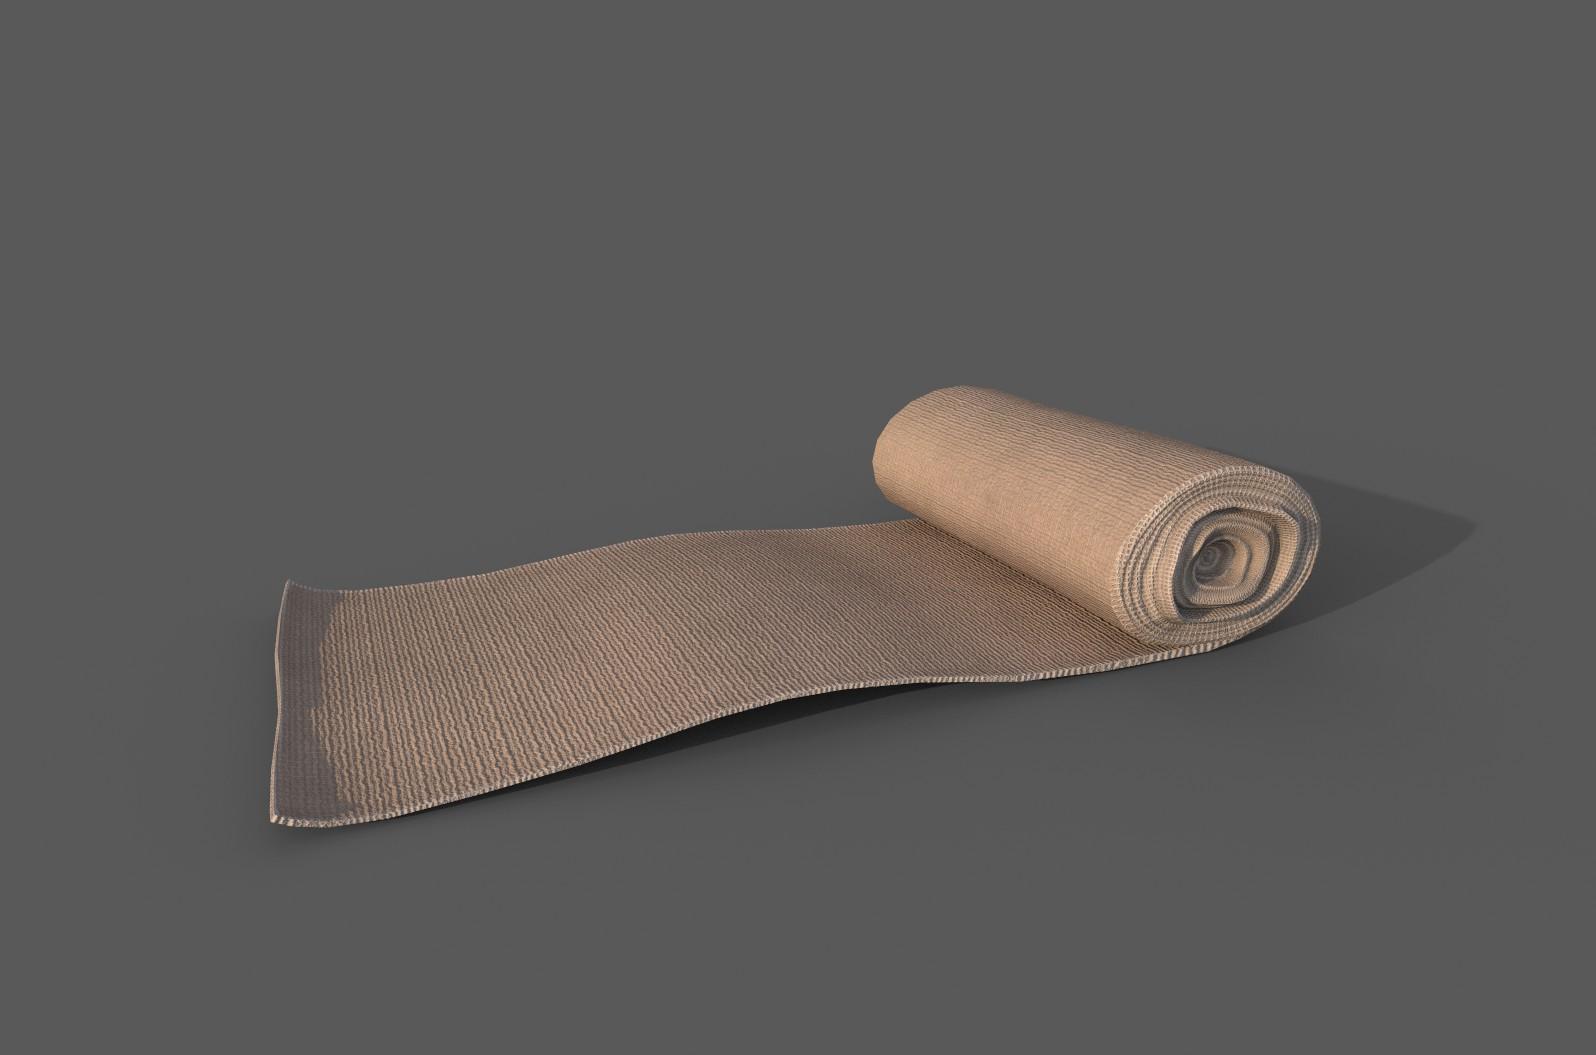 bandage_1.jpg